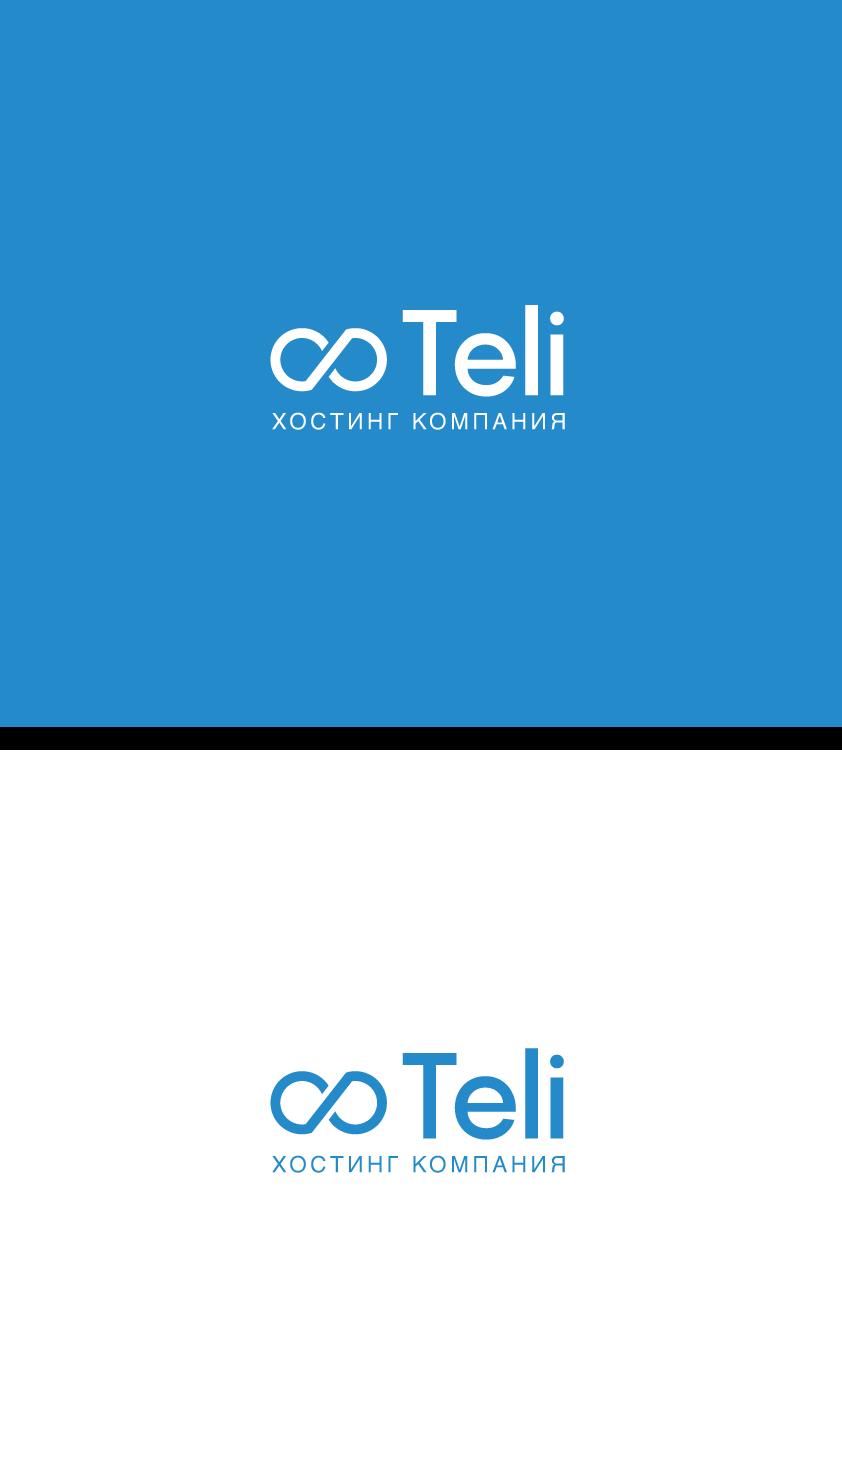 Разработка логотипа и фирменного стиля фото f_80358f7eed0d4abb.png